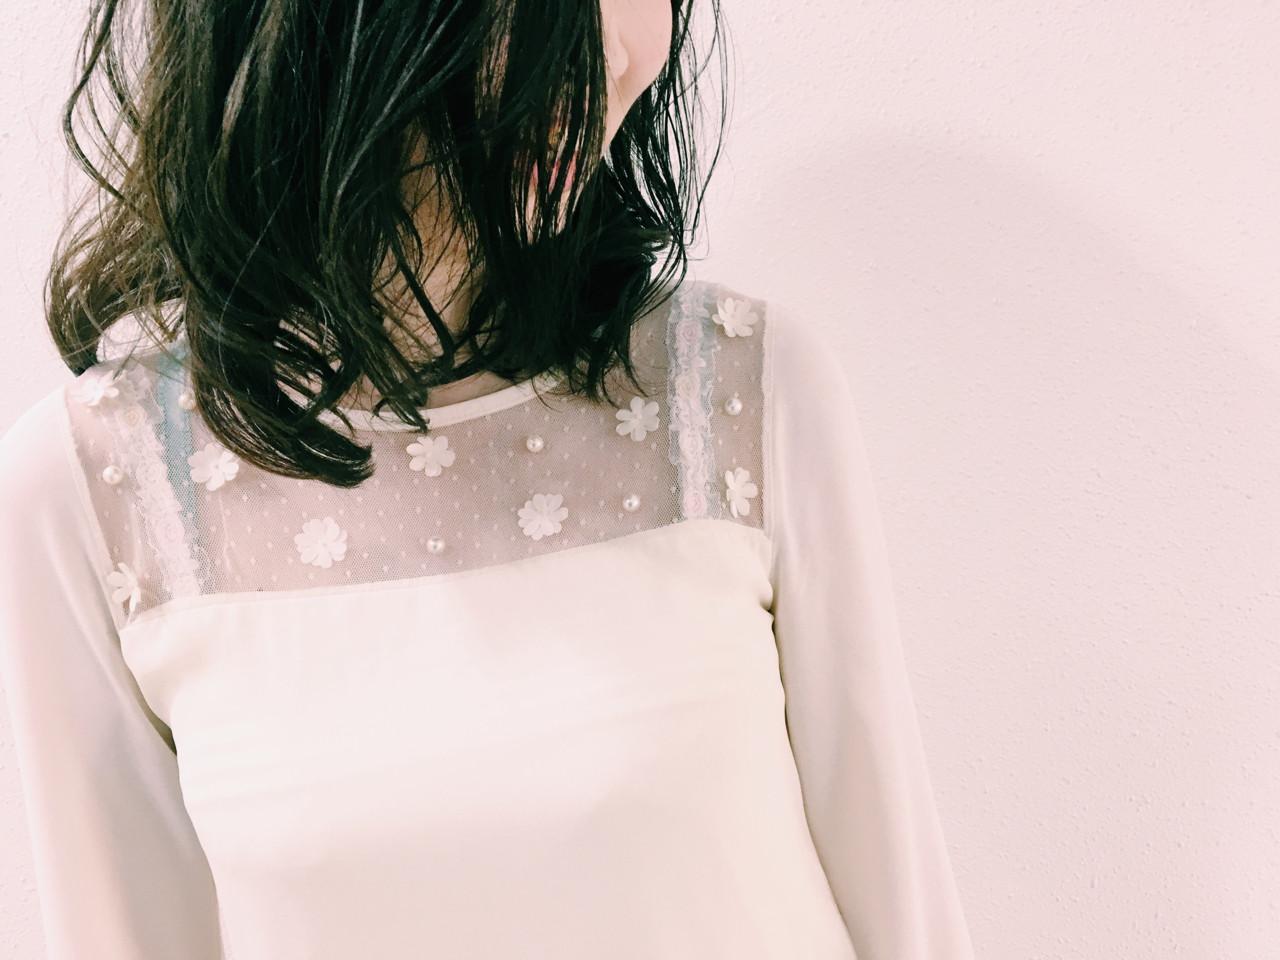 ミディアム 透明感 ダークアッシュ パーマ ヘアスタイルや髪型の写真・画像 | 長 賢太郎 / ky-go